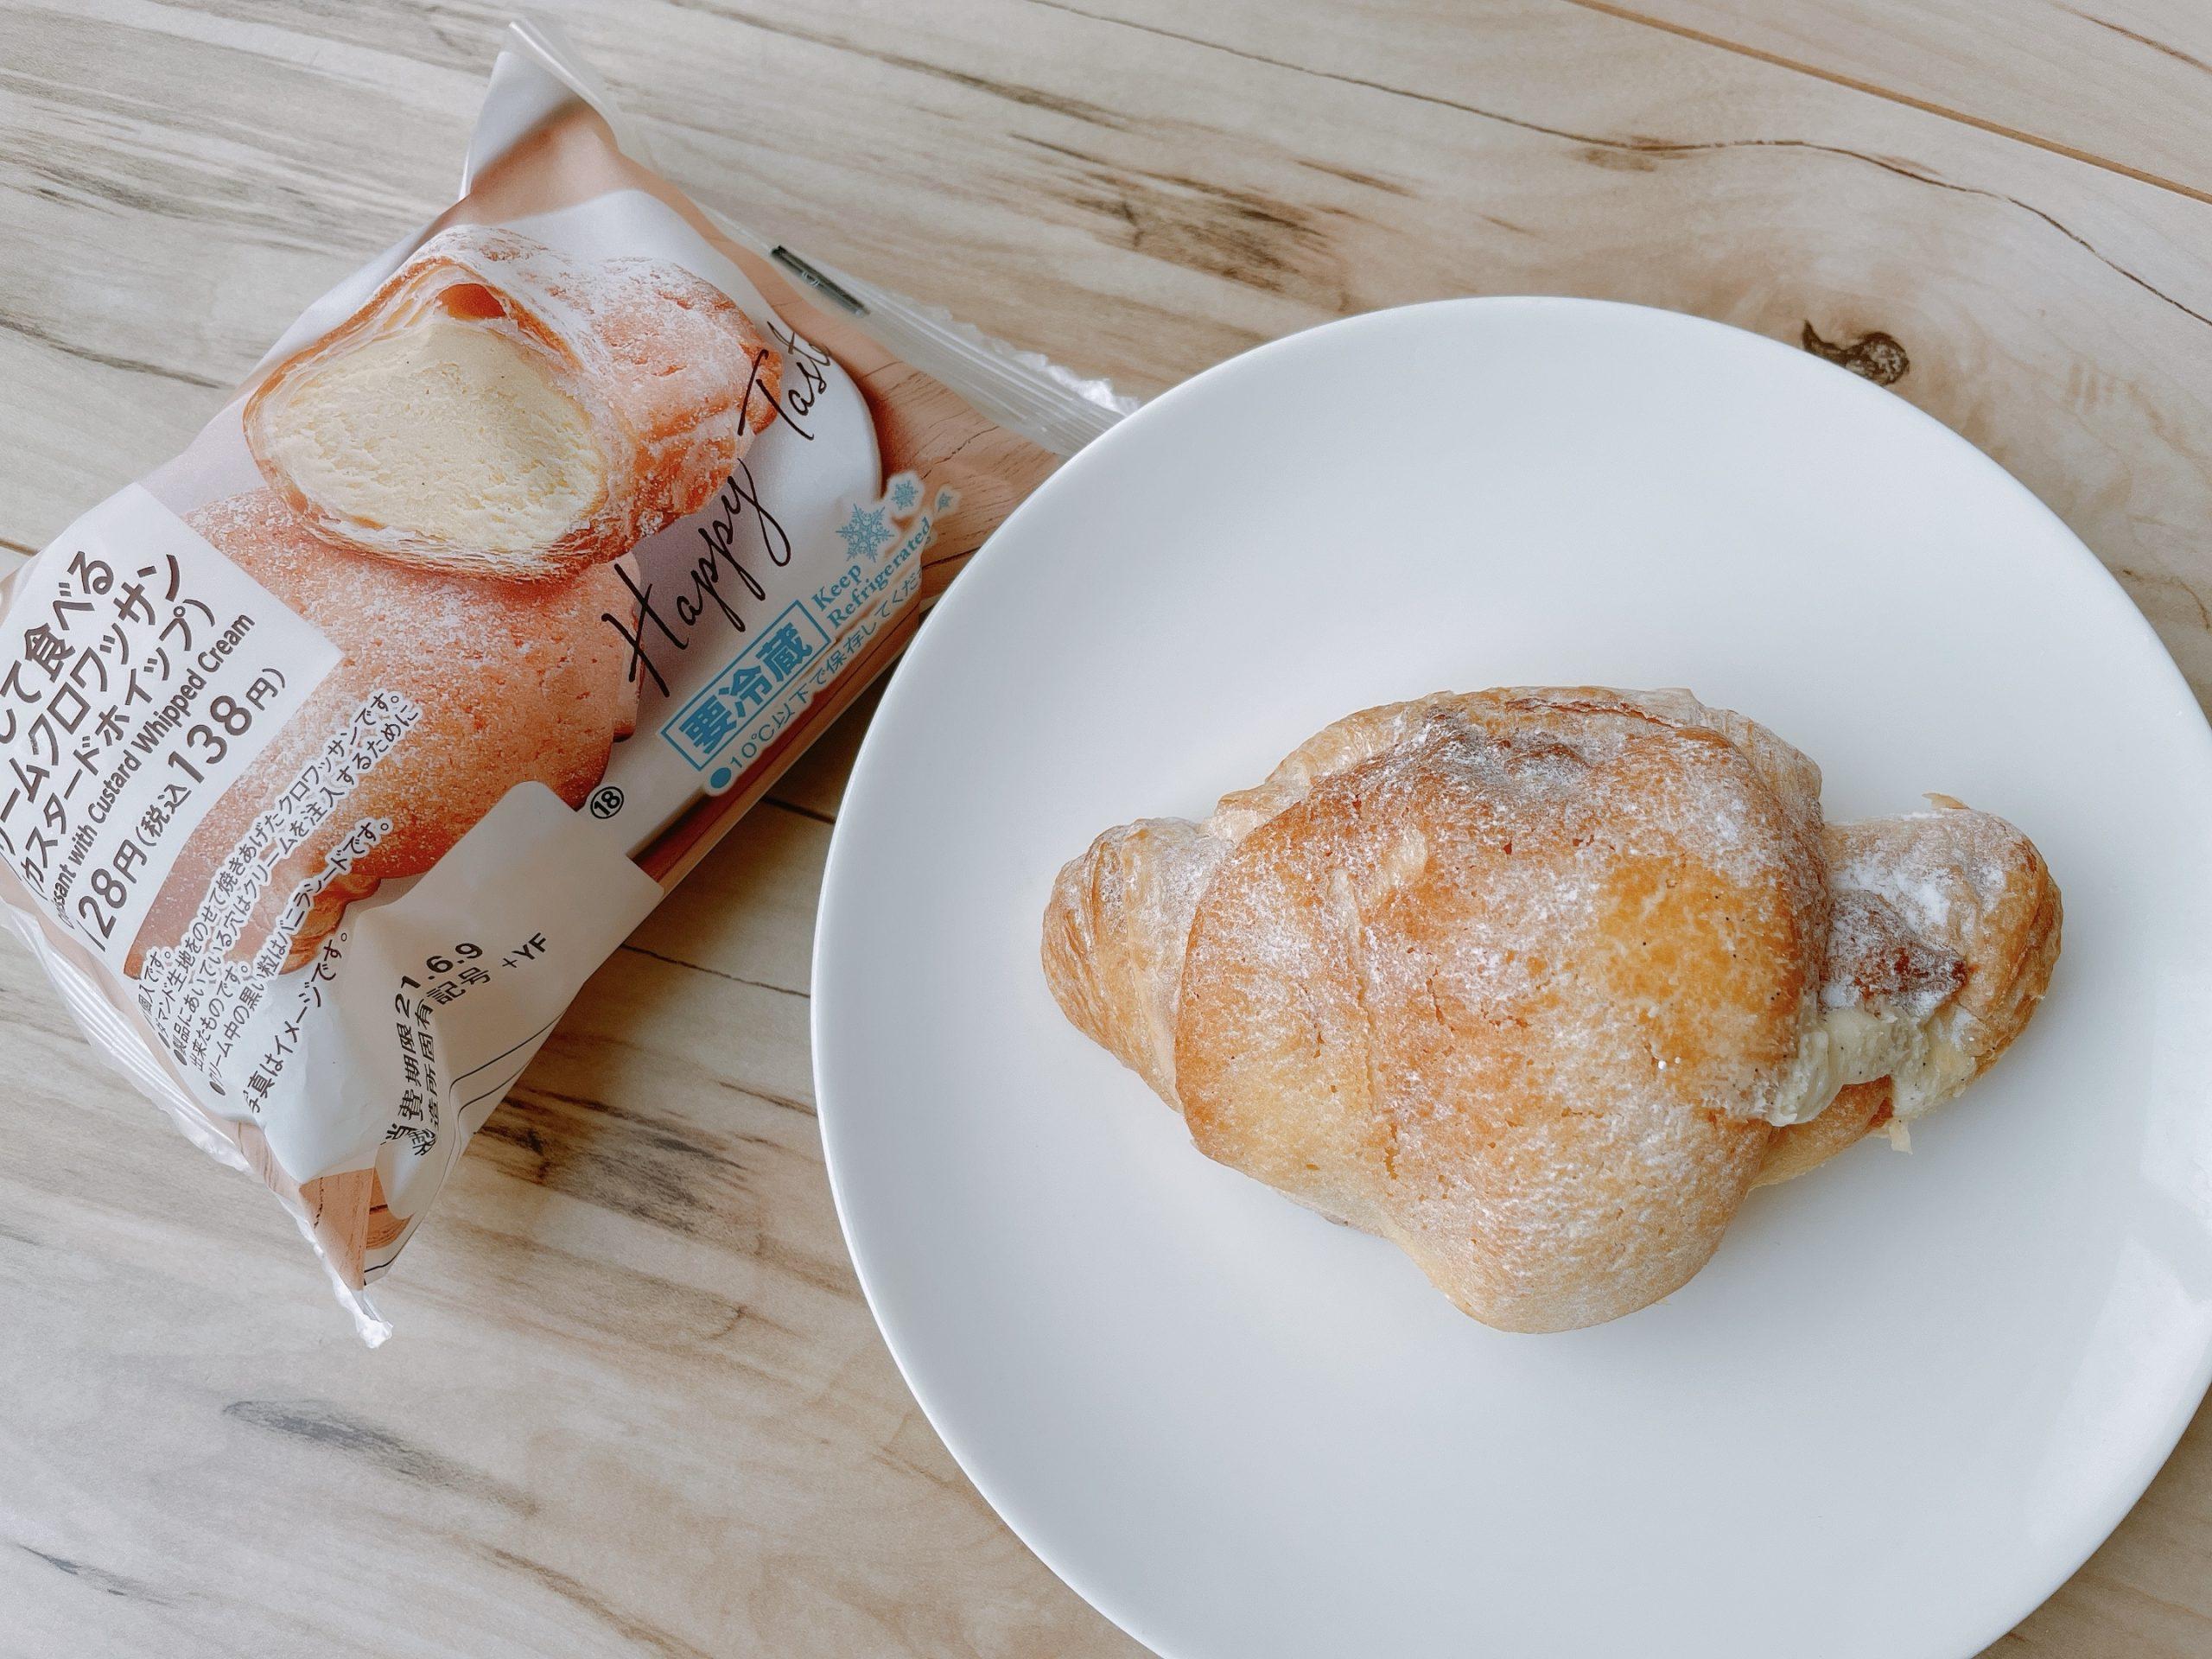 冷やして食べるクリームクロワッサン(カスタードホイップ)は、シュークリームっぽい香り